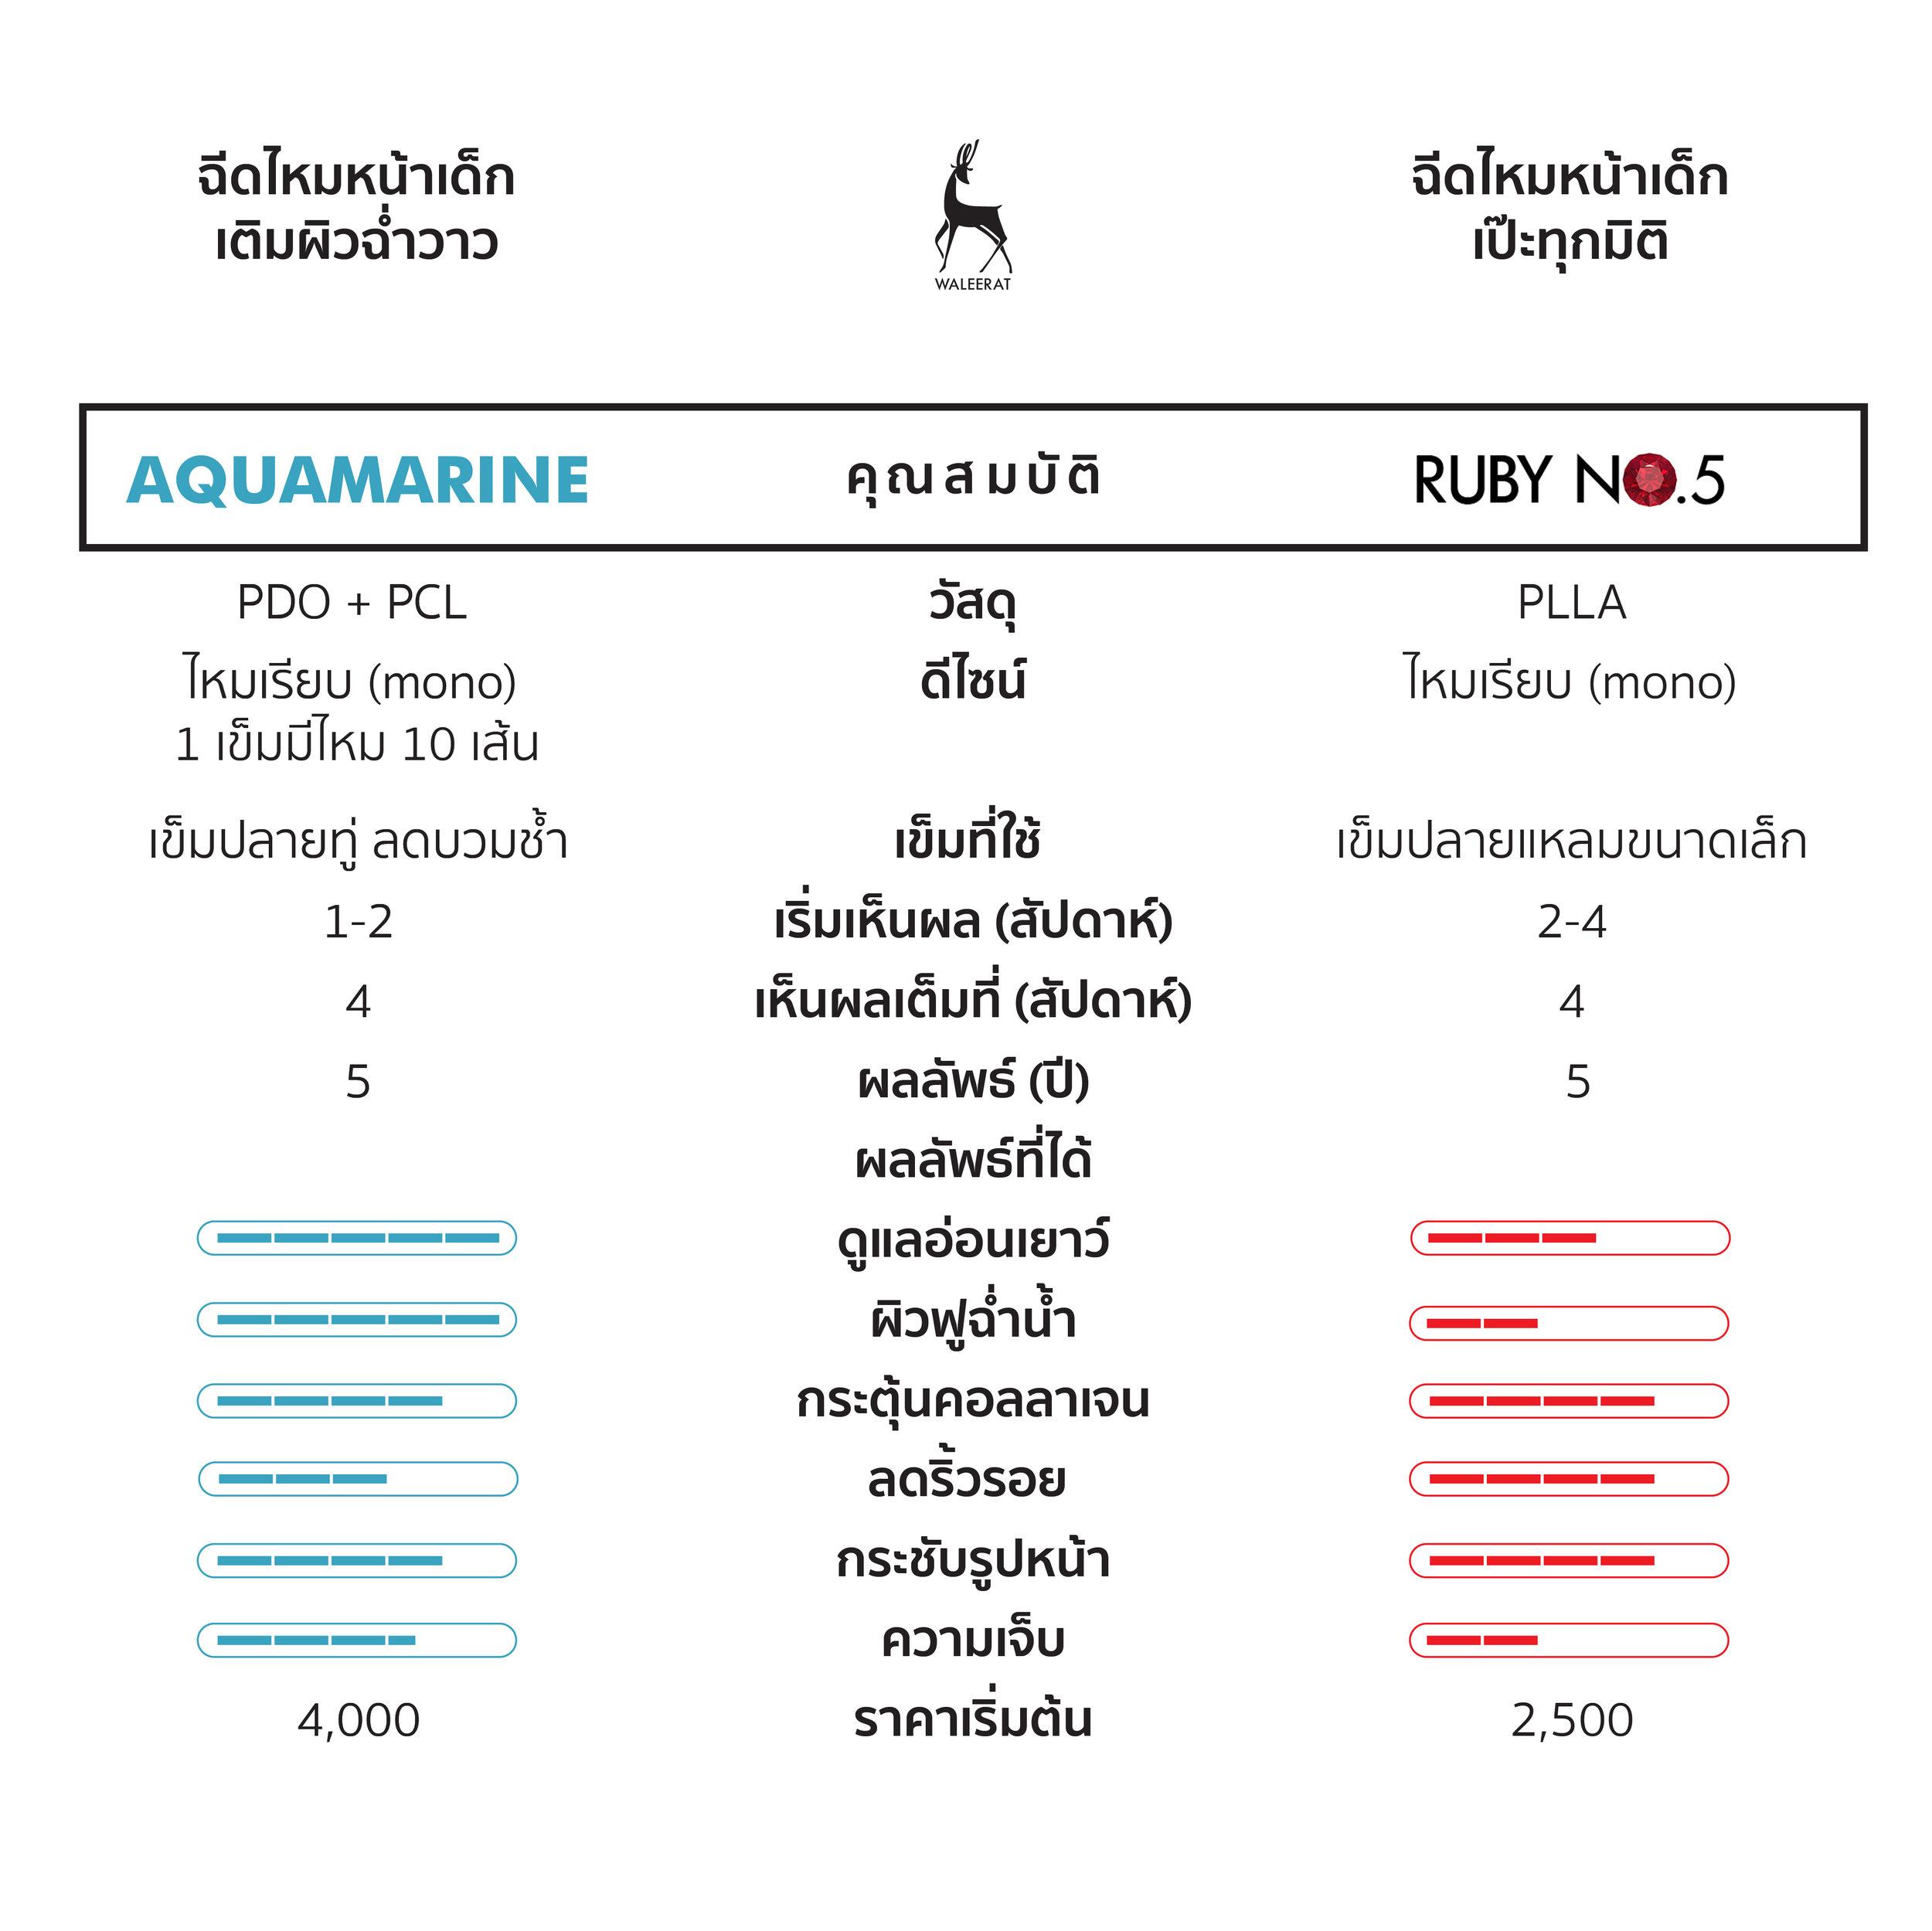 aquamarine VS ruby no.5 คุณสมบัติ_01-01.jpg